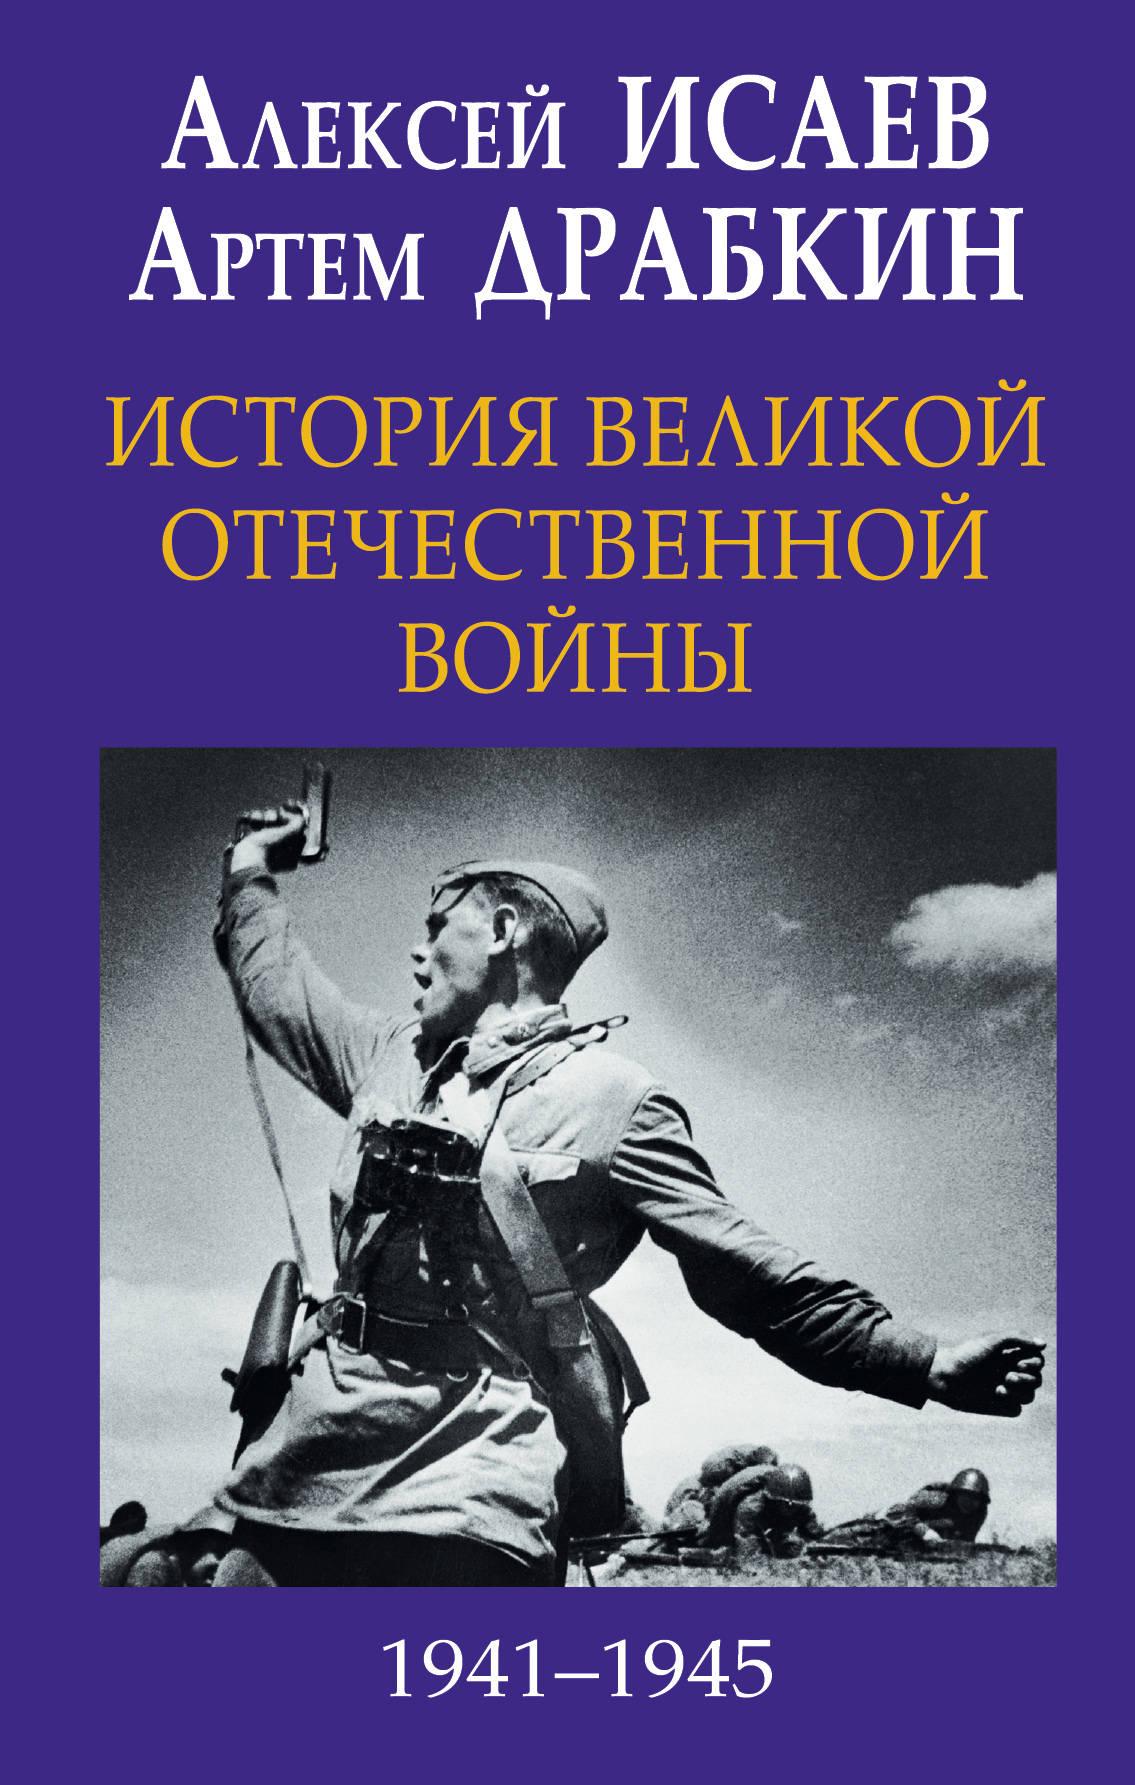 Istorija Velikoj Otechestvennoj vojny 1941?1945 gg. v odnom tome